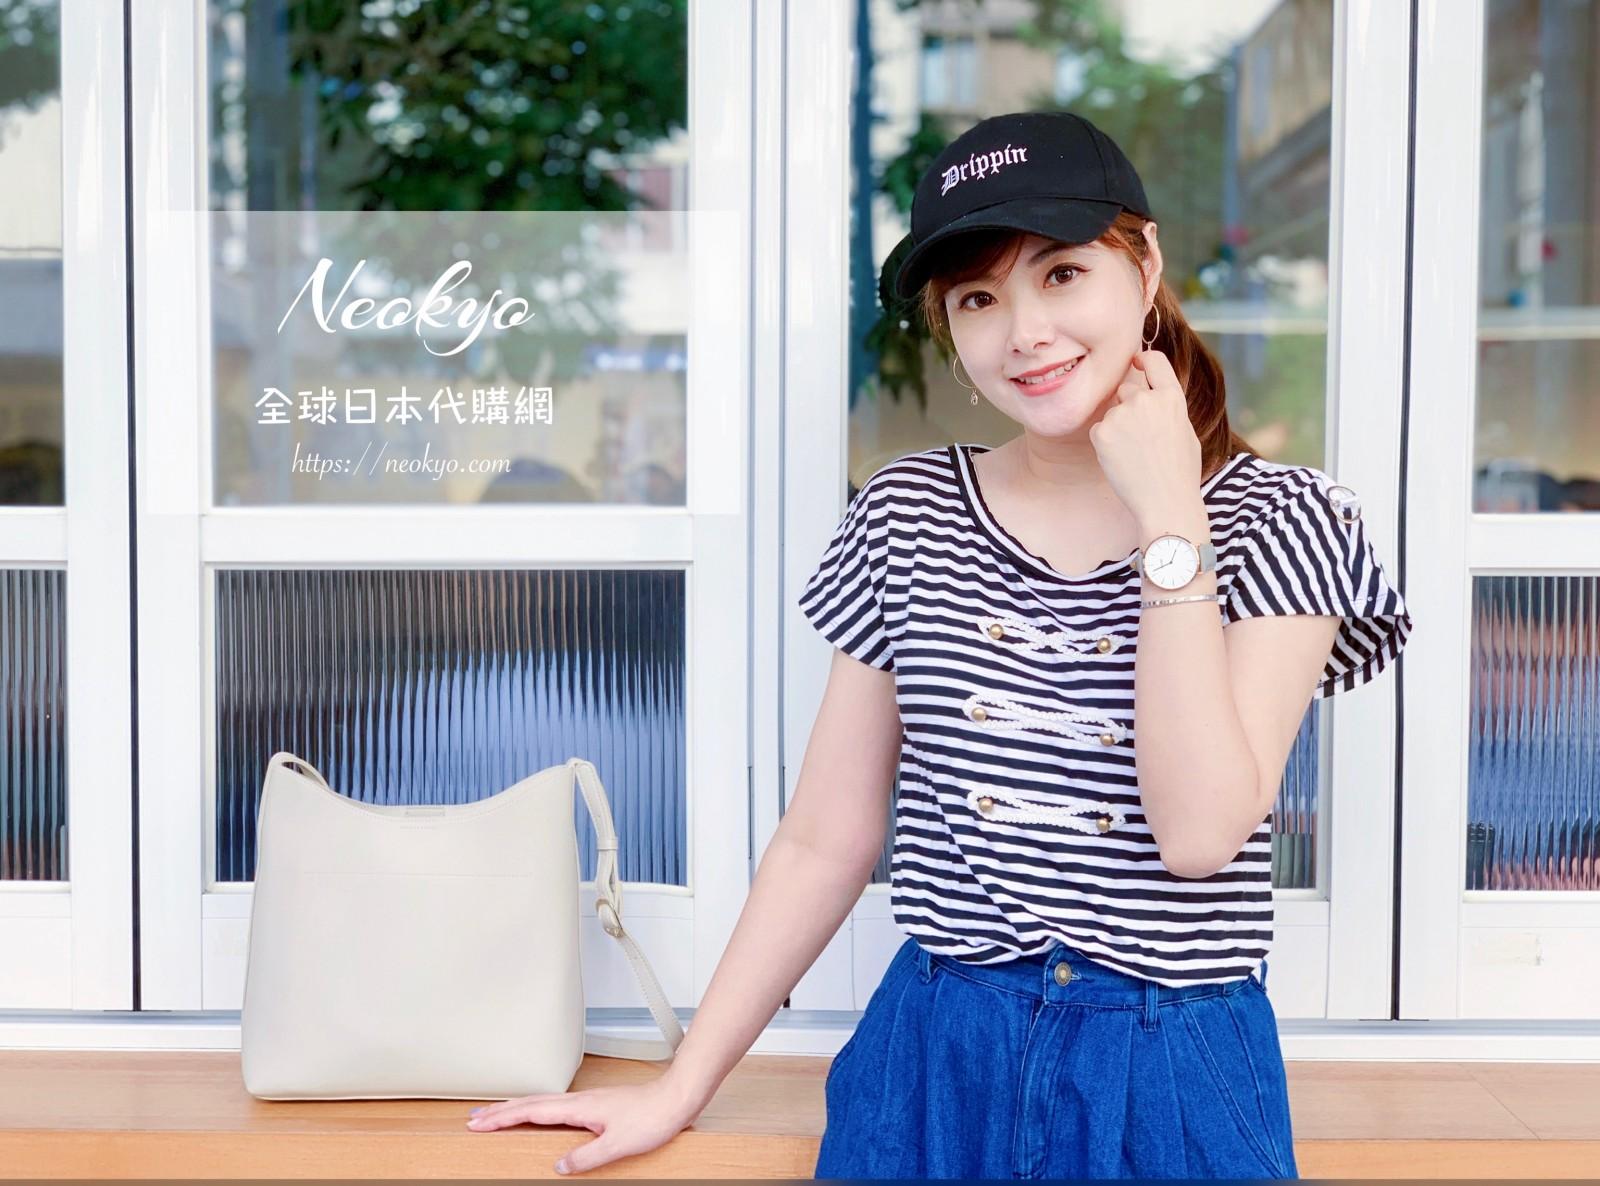 ☆【購物】Neokyo全球日本代購網使用說明、運費估算工具 @凱的日本食尚日記